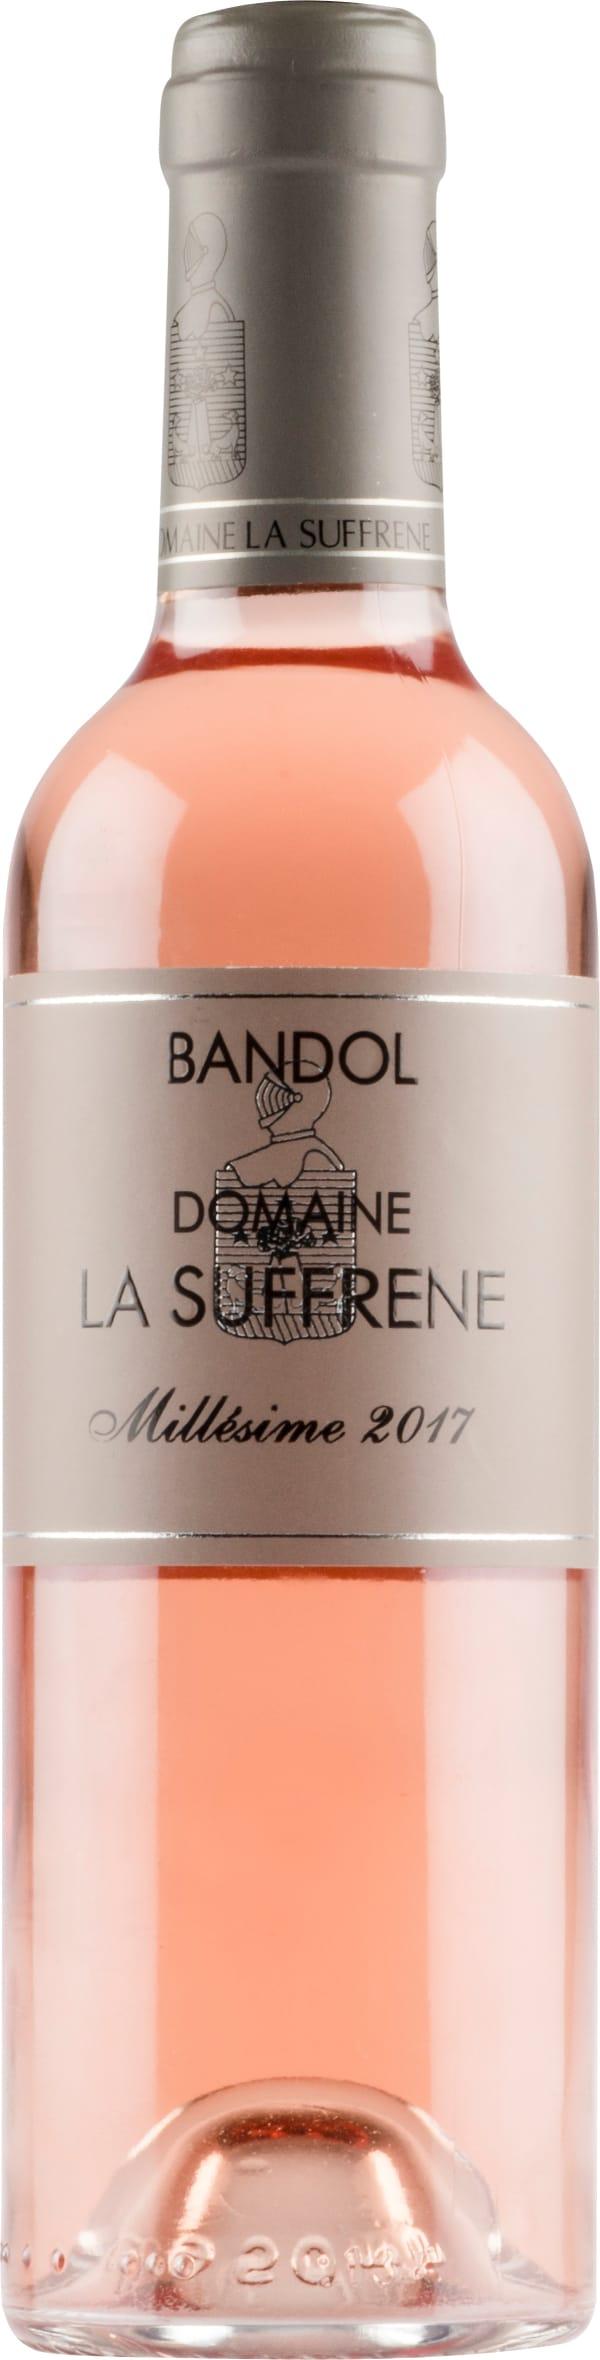 Domaine La Suffrene 2017